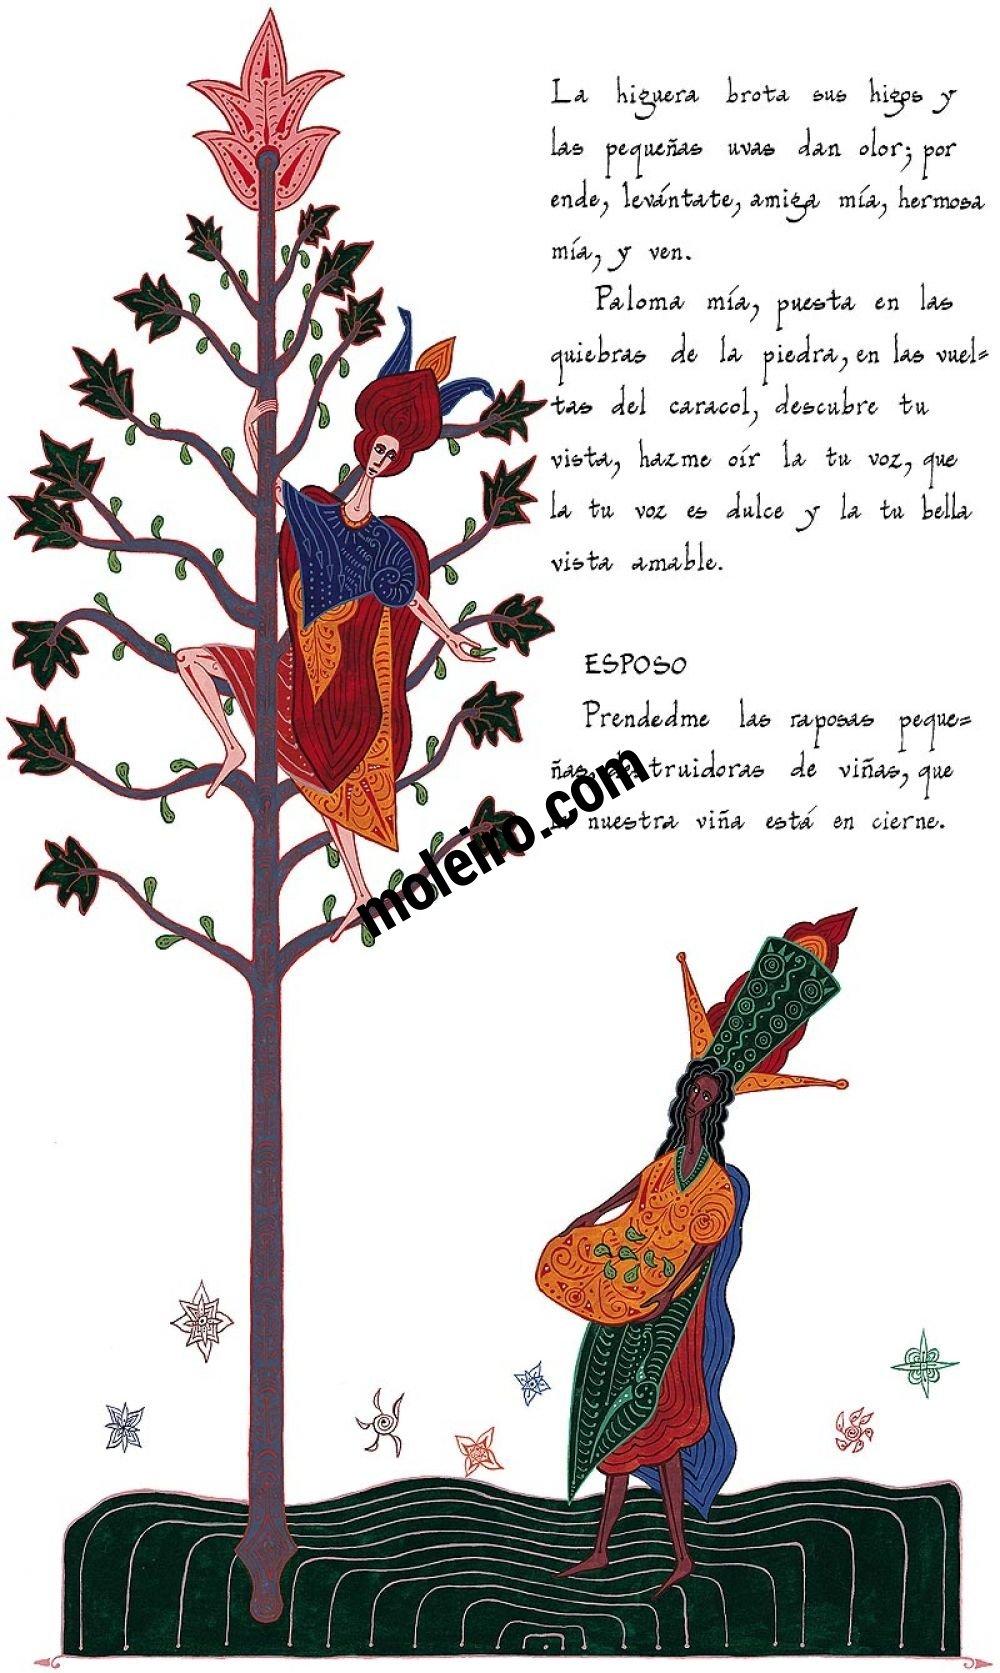 Cantar de Cantares/ Ed. de lujo (rojo)